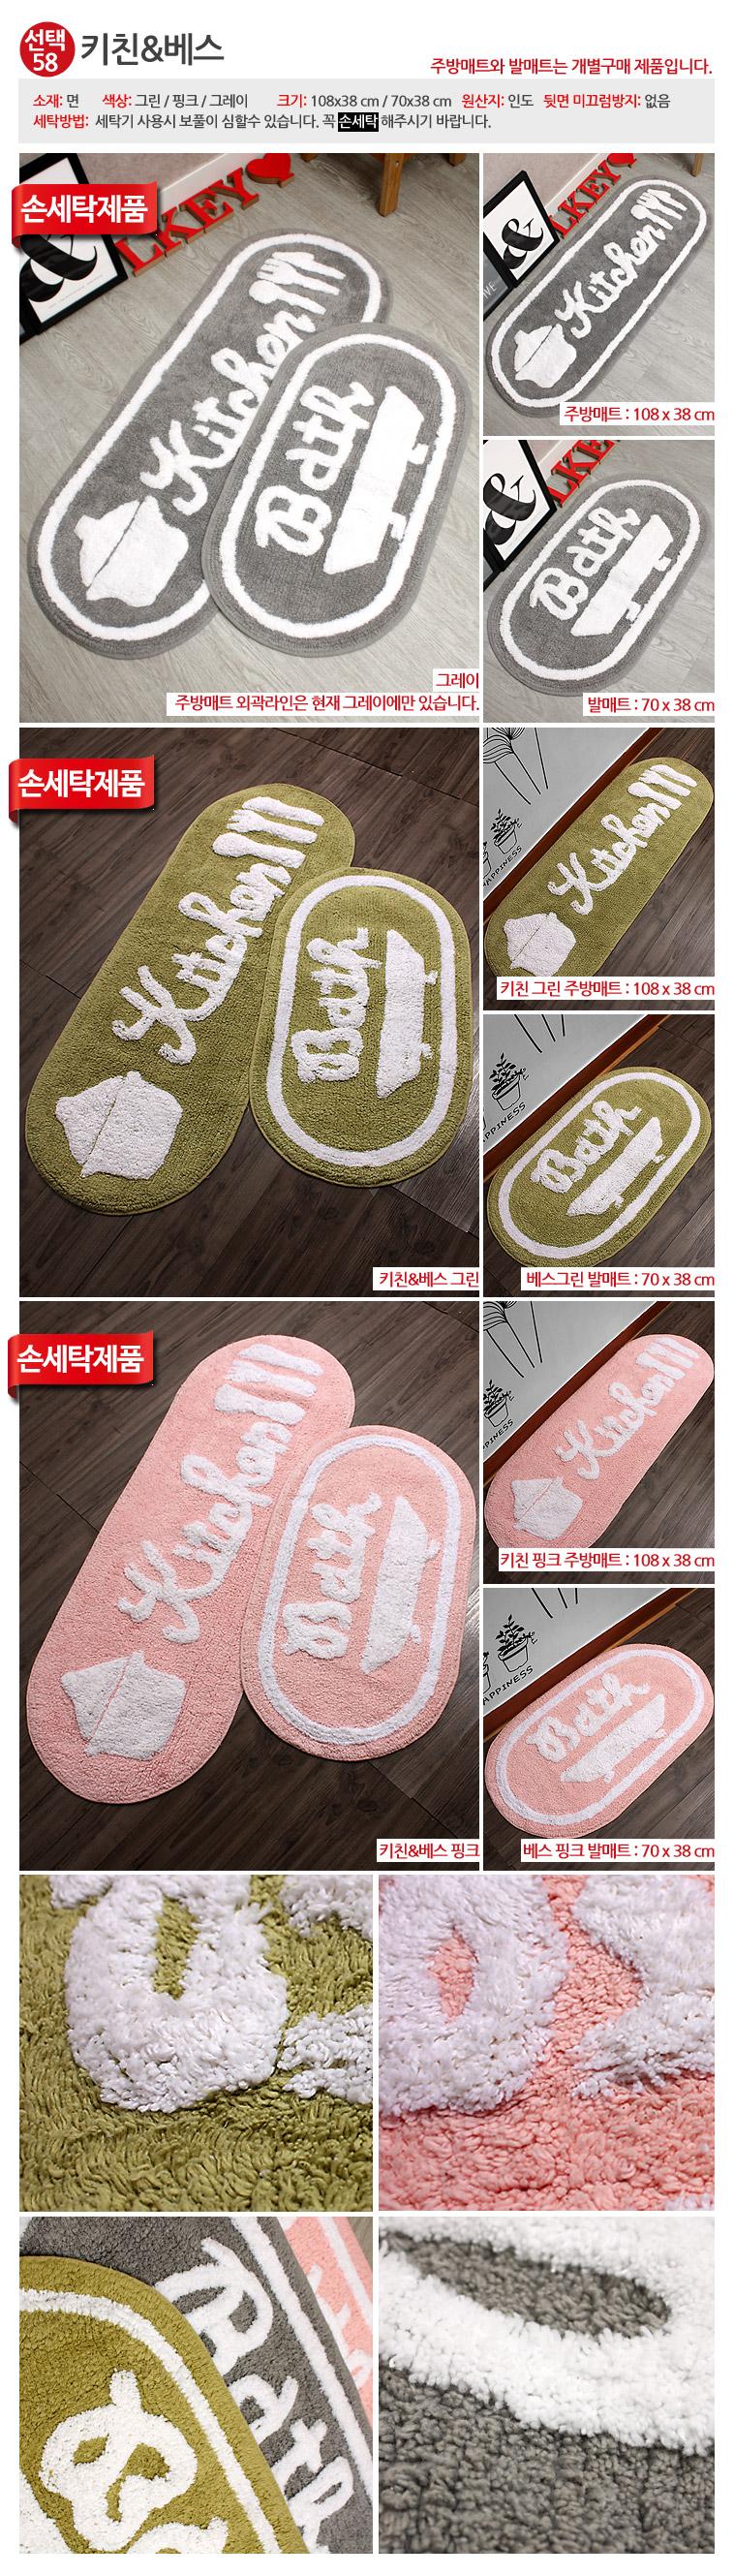 순면 키친베스 발매트+주방매트 Set - 엘키, 28,300원, 디자인 발매트, 디자인